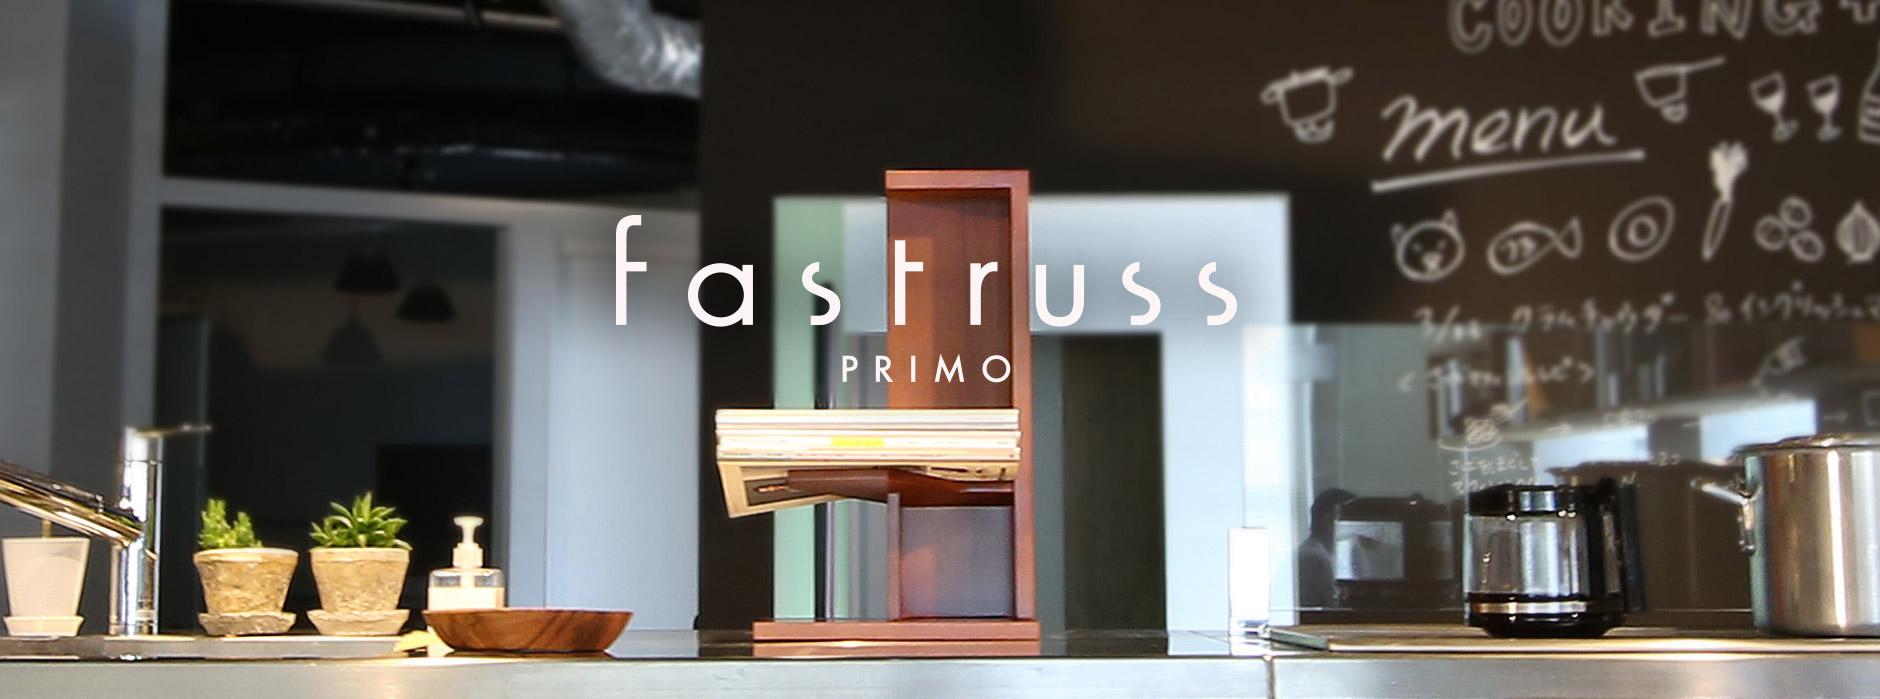 ファストラス プリモシリーズ